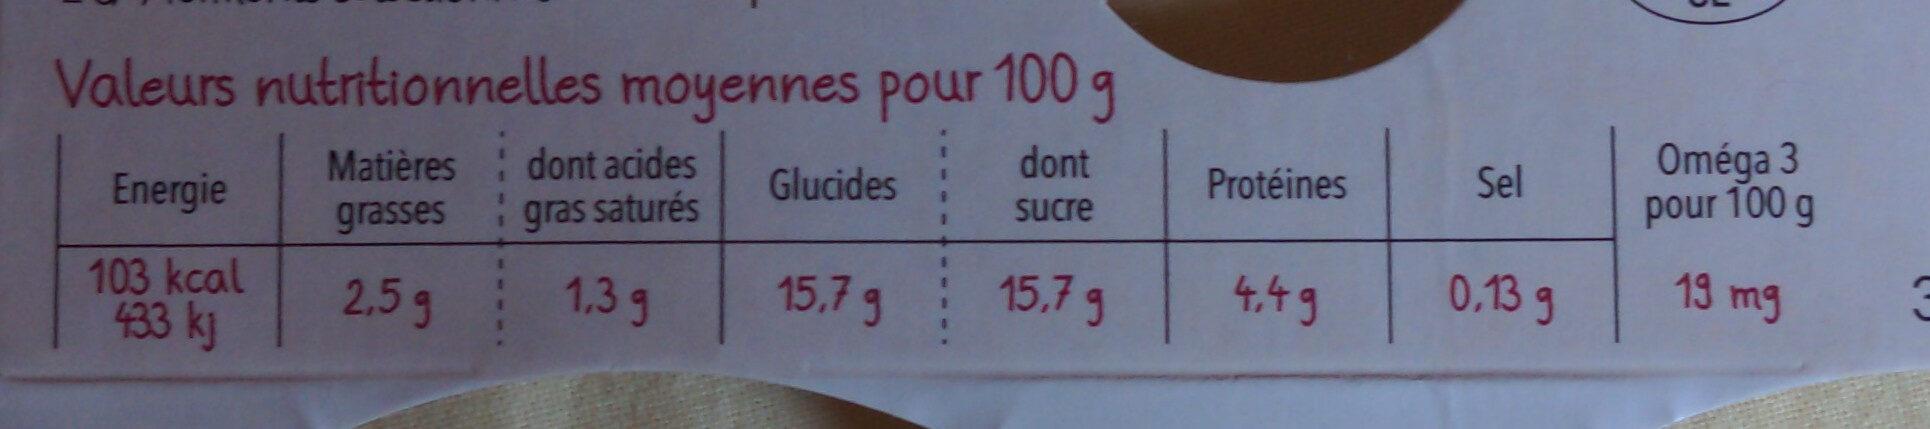 Yaourts aux fruits cerise-myrtille - Nutrition facts - fr